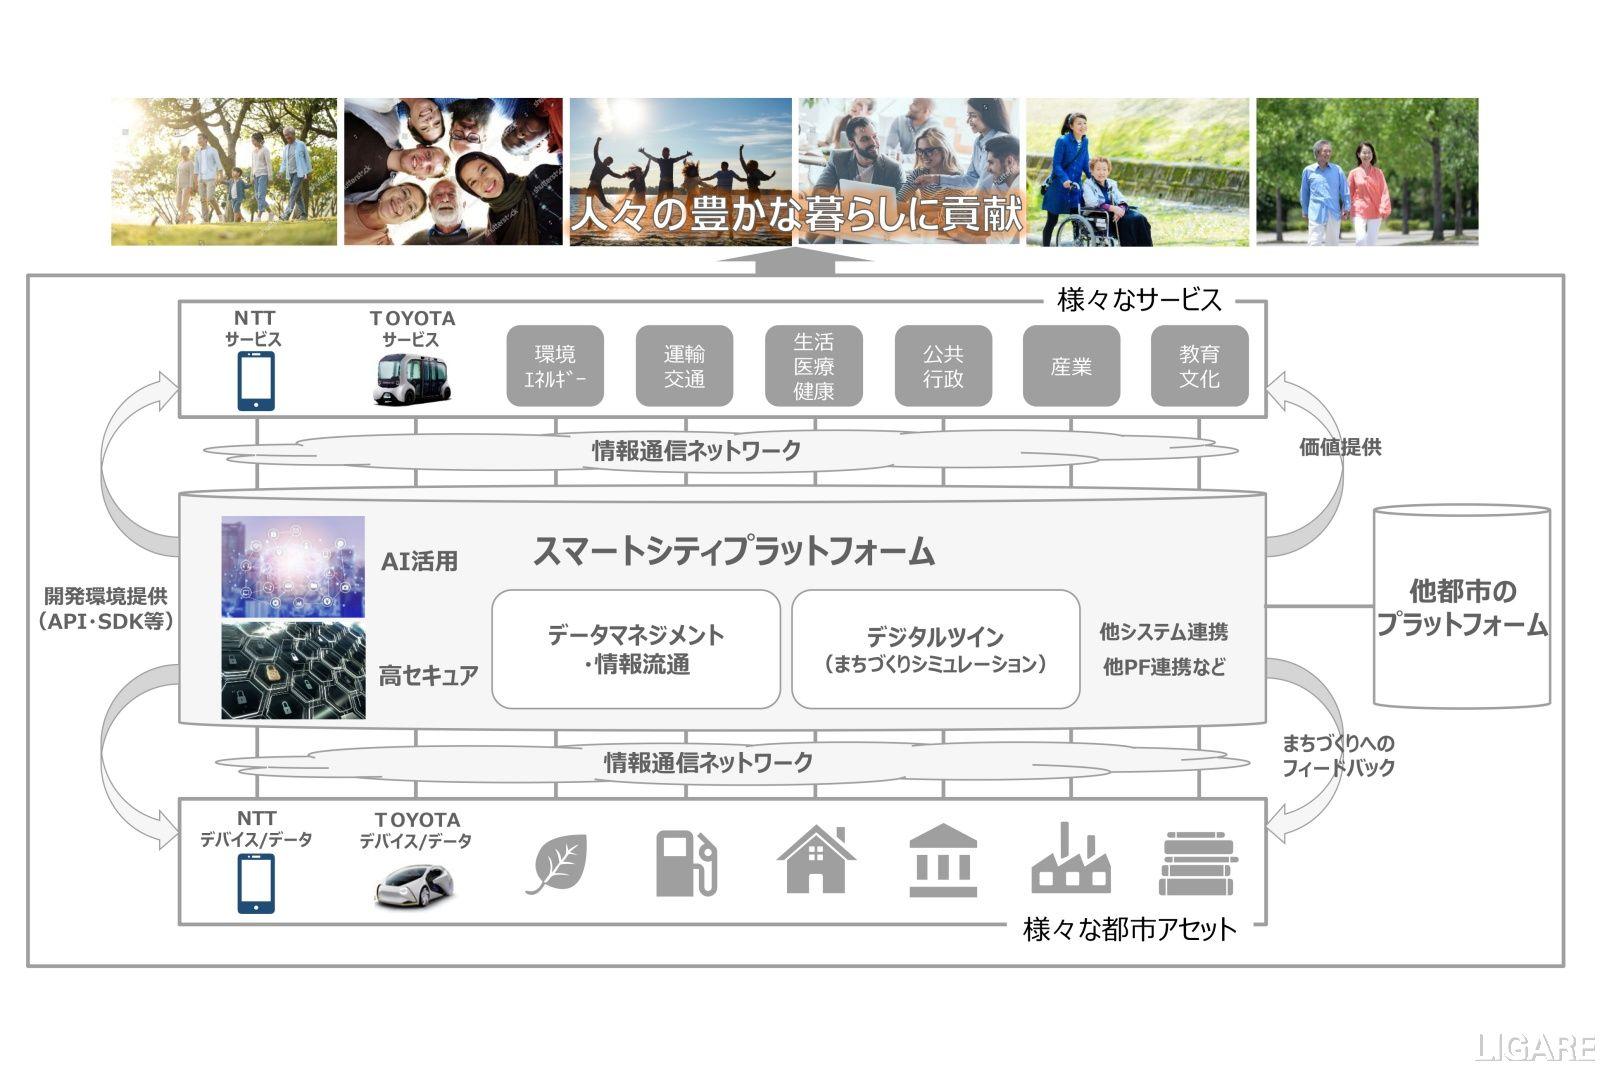 トヨタとNTTが構築・運営を発表した「スマートシティプラットフォーム」の概要